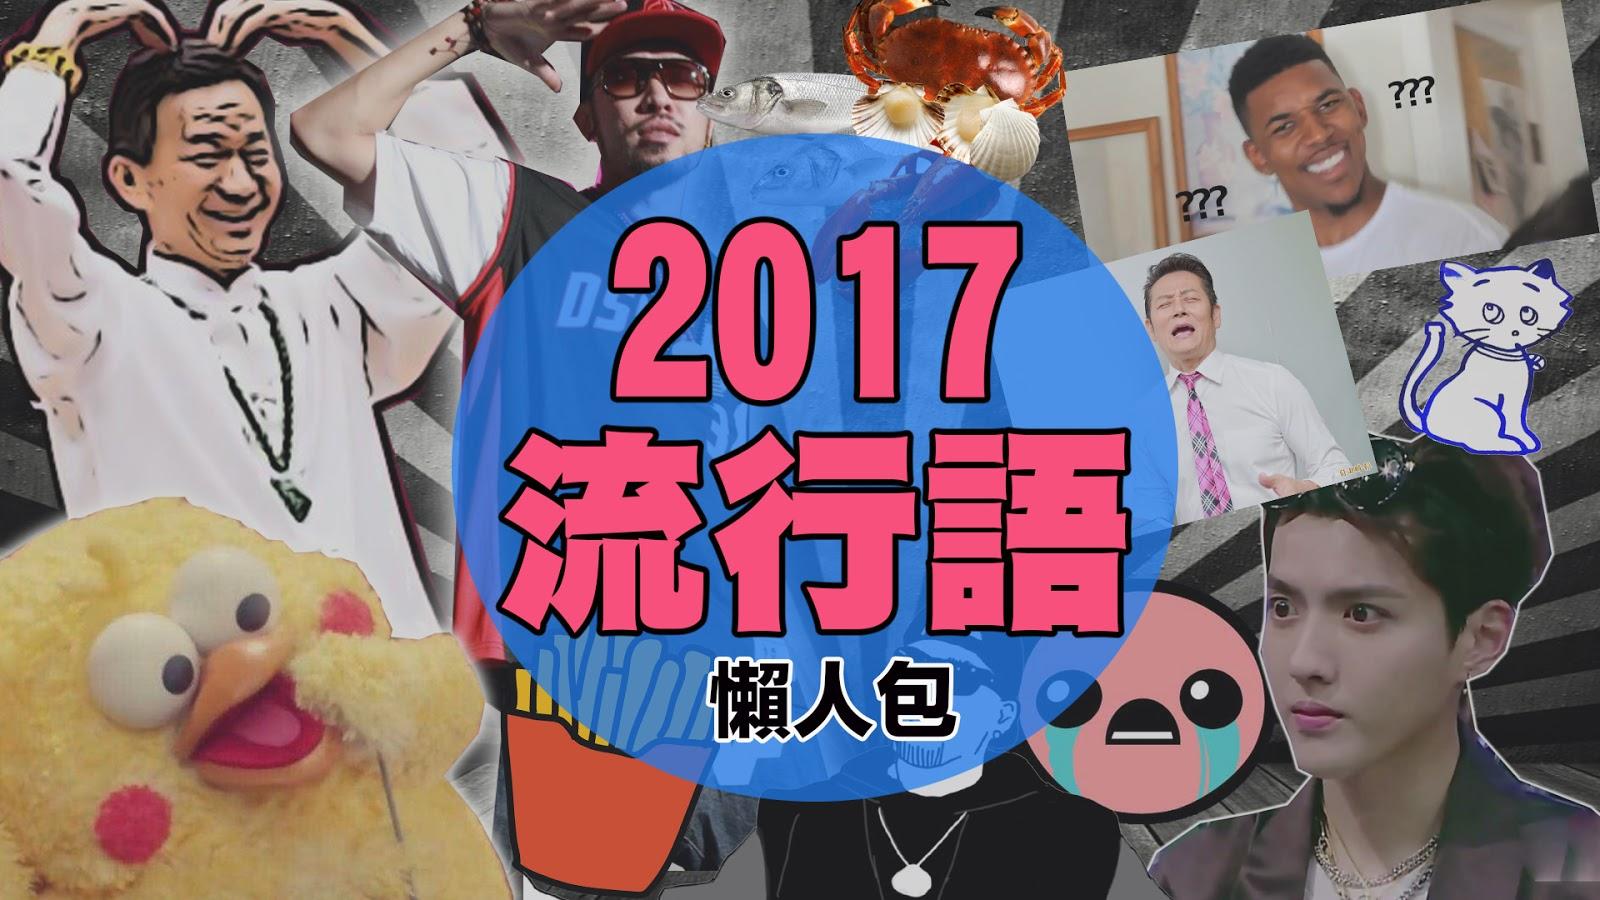 回顧2017所有流行語+2017流行語懶人包